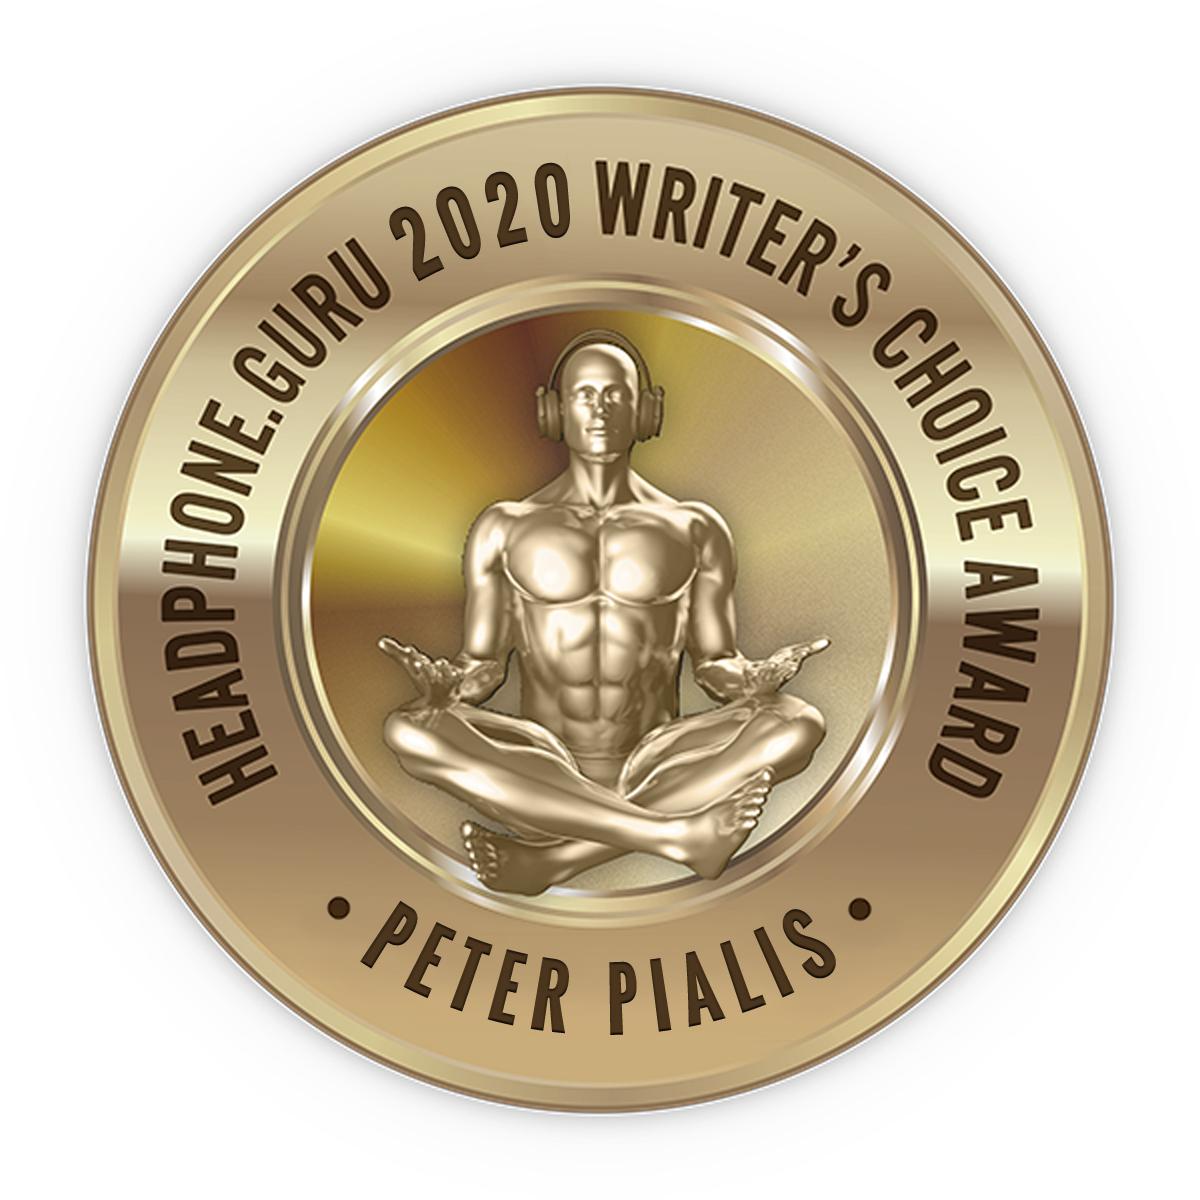 Peter Pialis